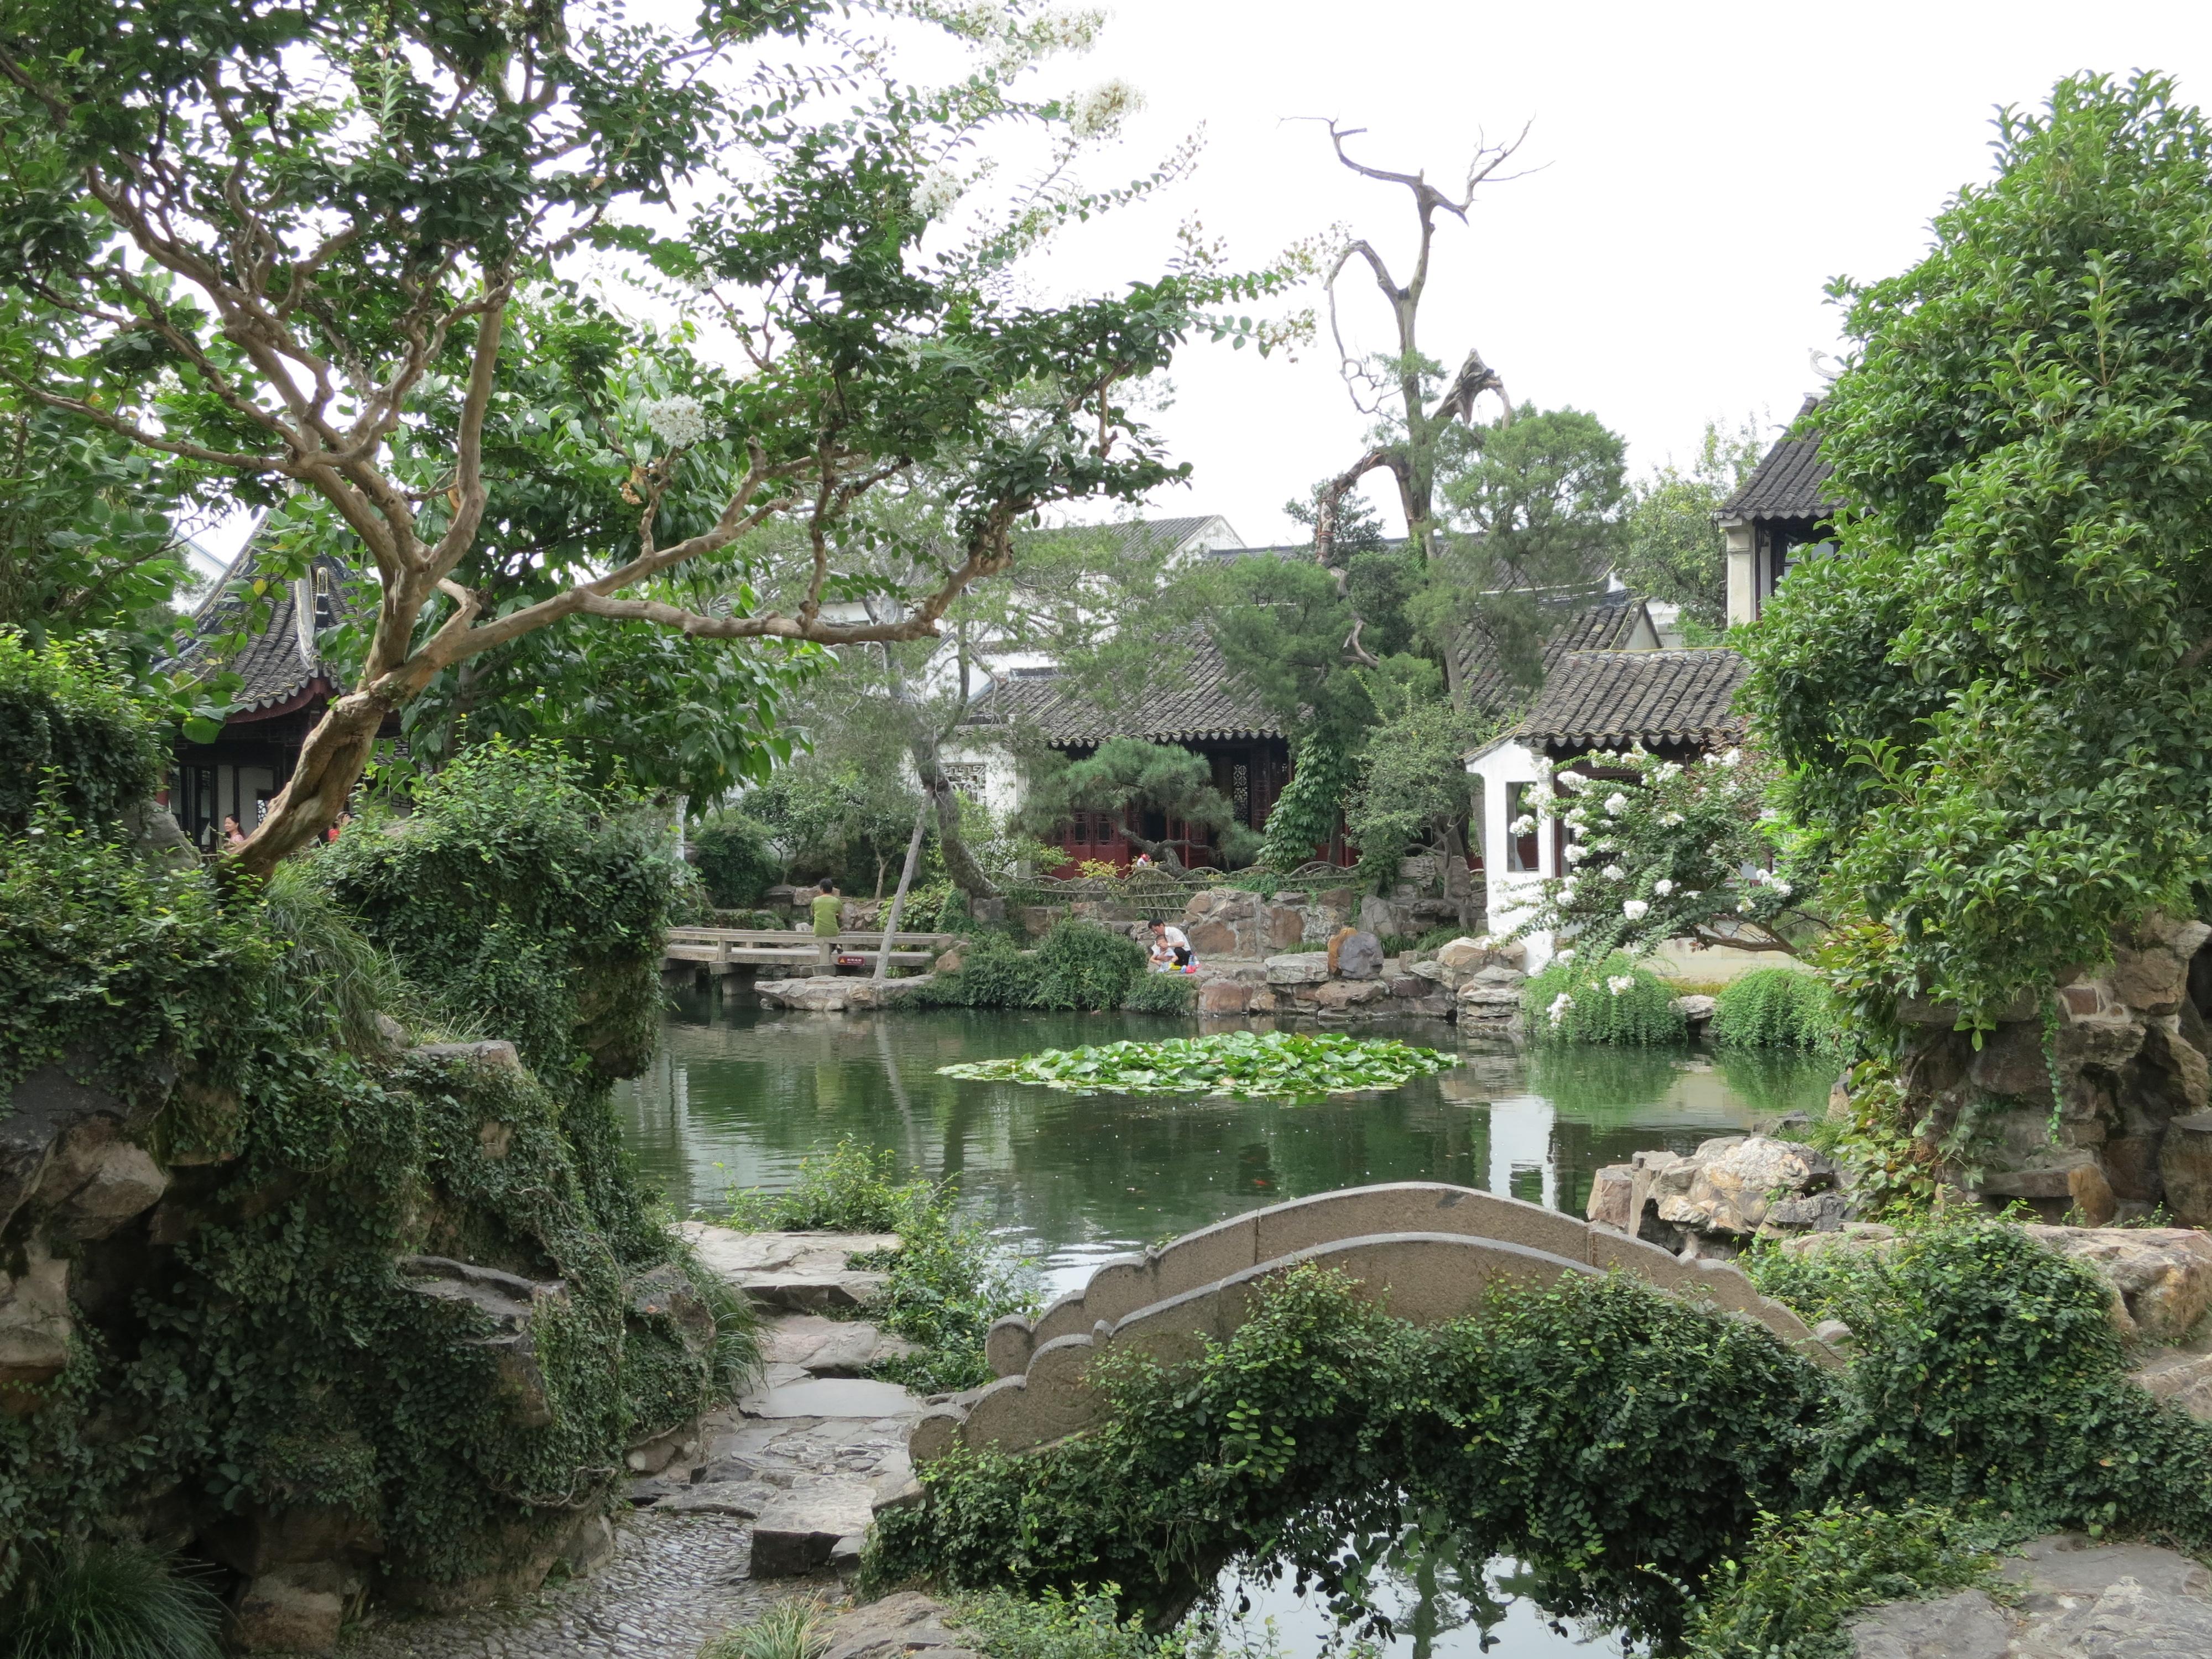 Sozhou, grad sa najlepšim baštama na svetu - Page 2 Master_of_the_Nets_Garden_%E7%BD%91%E5%B8%88%E5%9B%AD_Main_Pond_photo_by_Christian_G%C3%A4nshirt